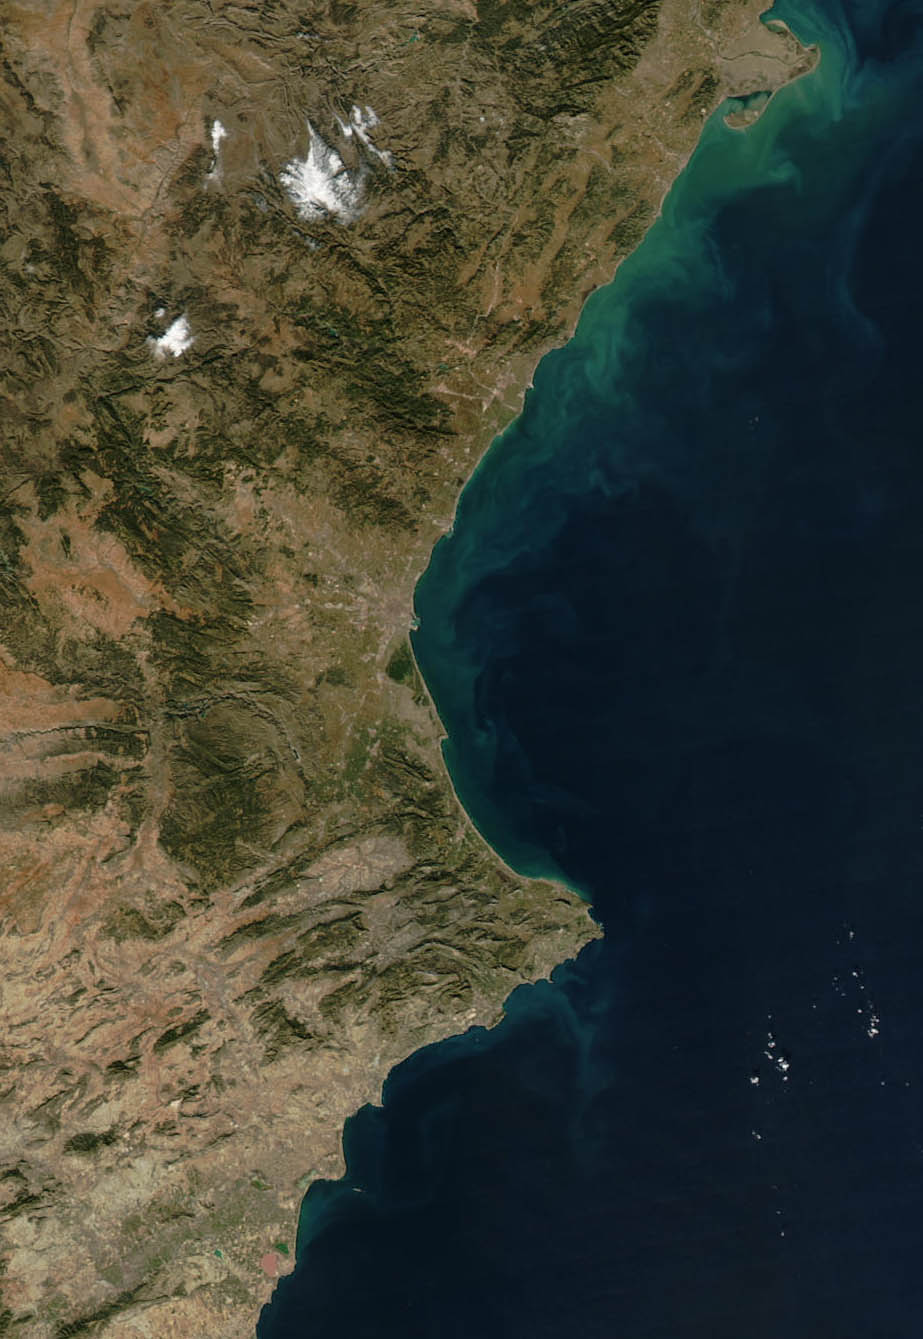 Mapa Topografico Comunidad Valenciana.Mapa Satelital De La Comunidad Valenciana Mapa Owje Com